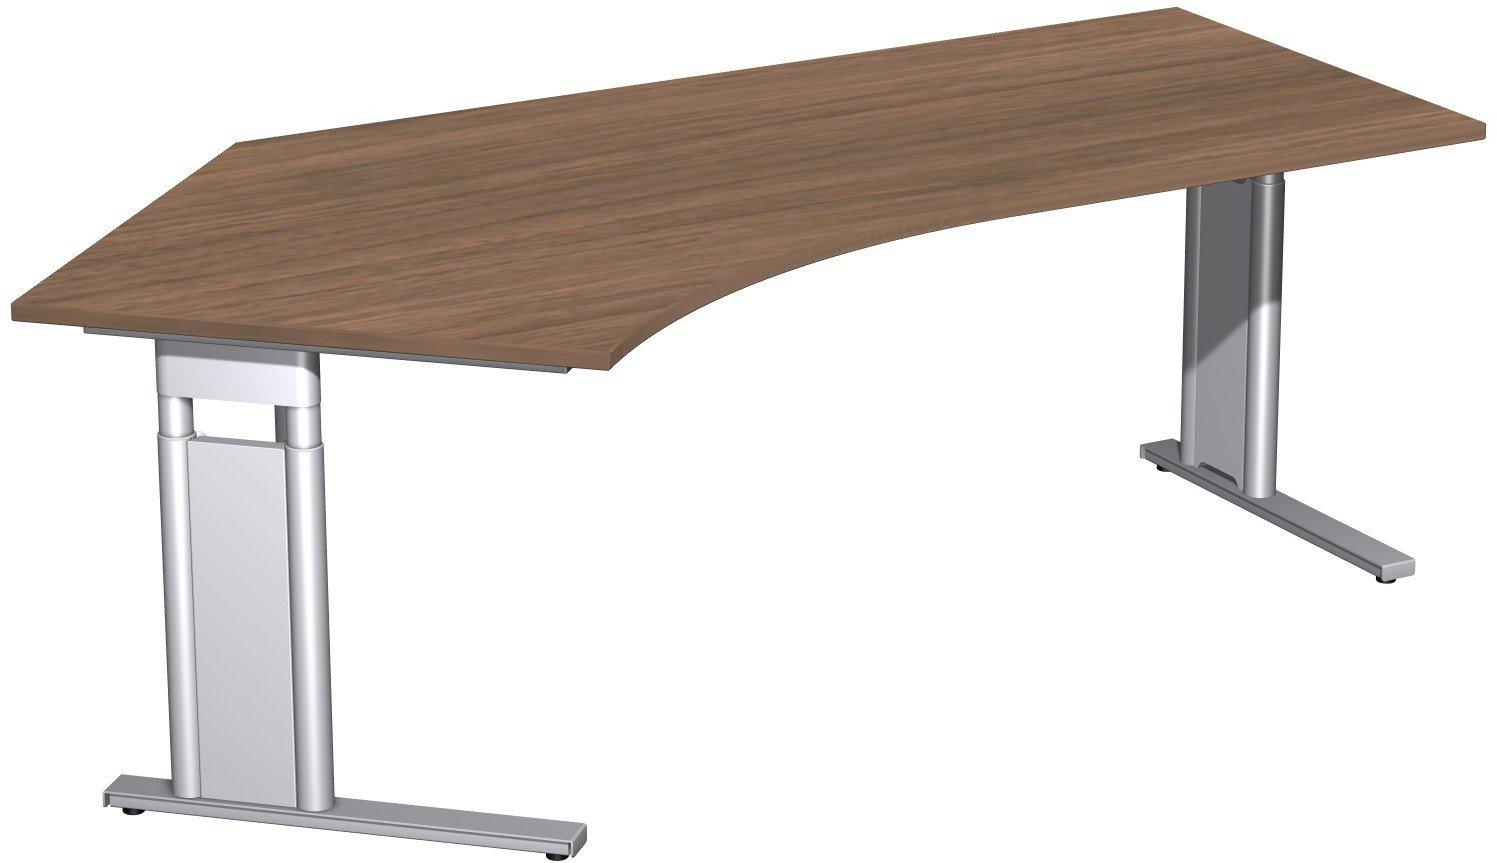 Geramöbel Schreibtisch 135° links höhenverstellbar, C Fuß Blende optional, 2166x1130x680-820, Nussbaum/Silber